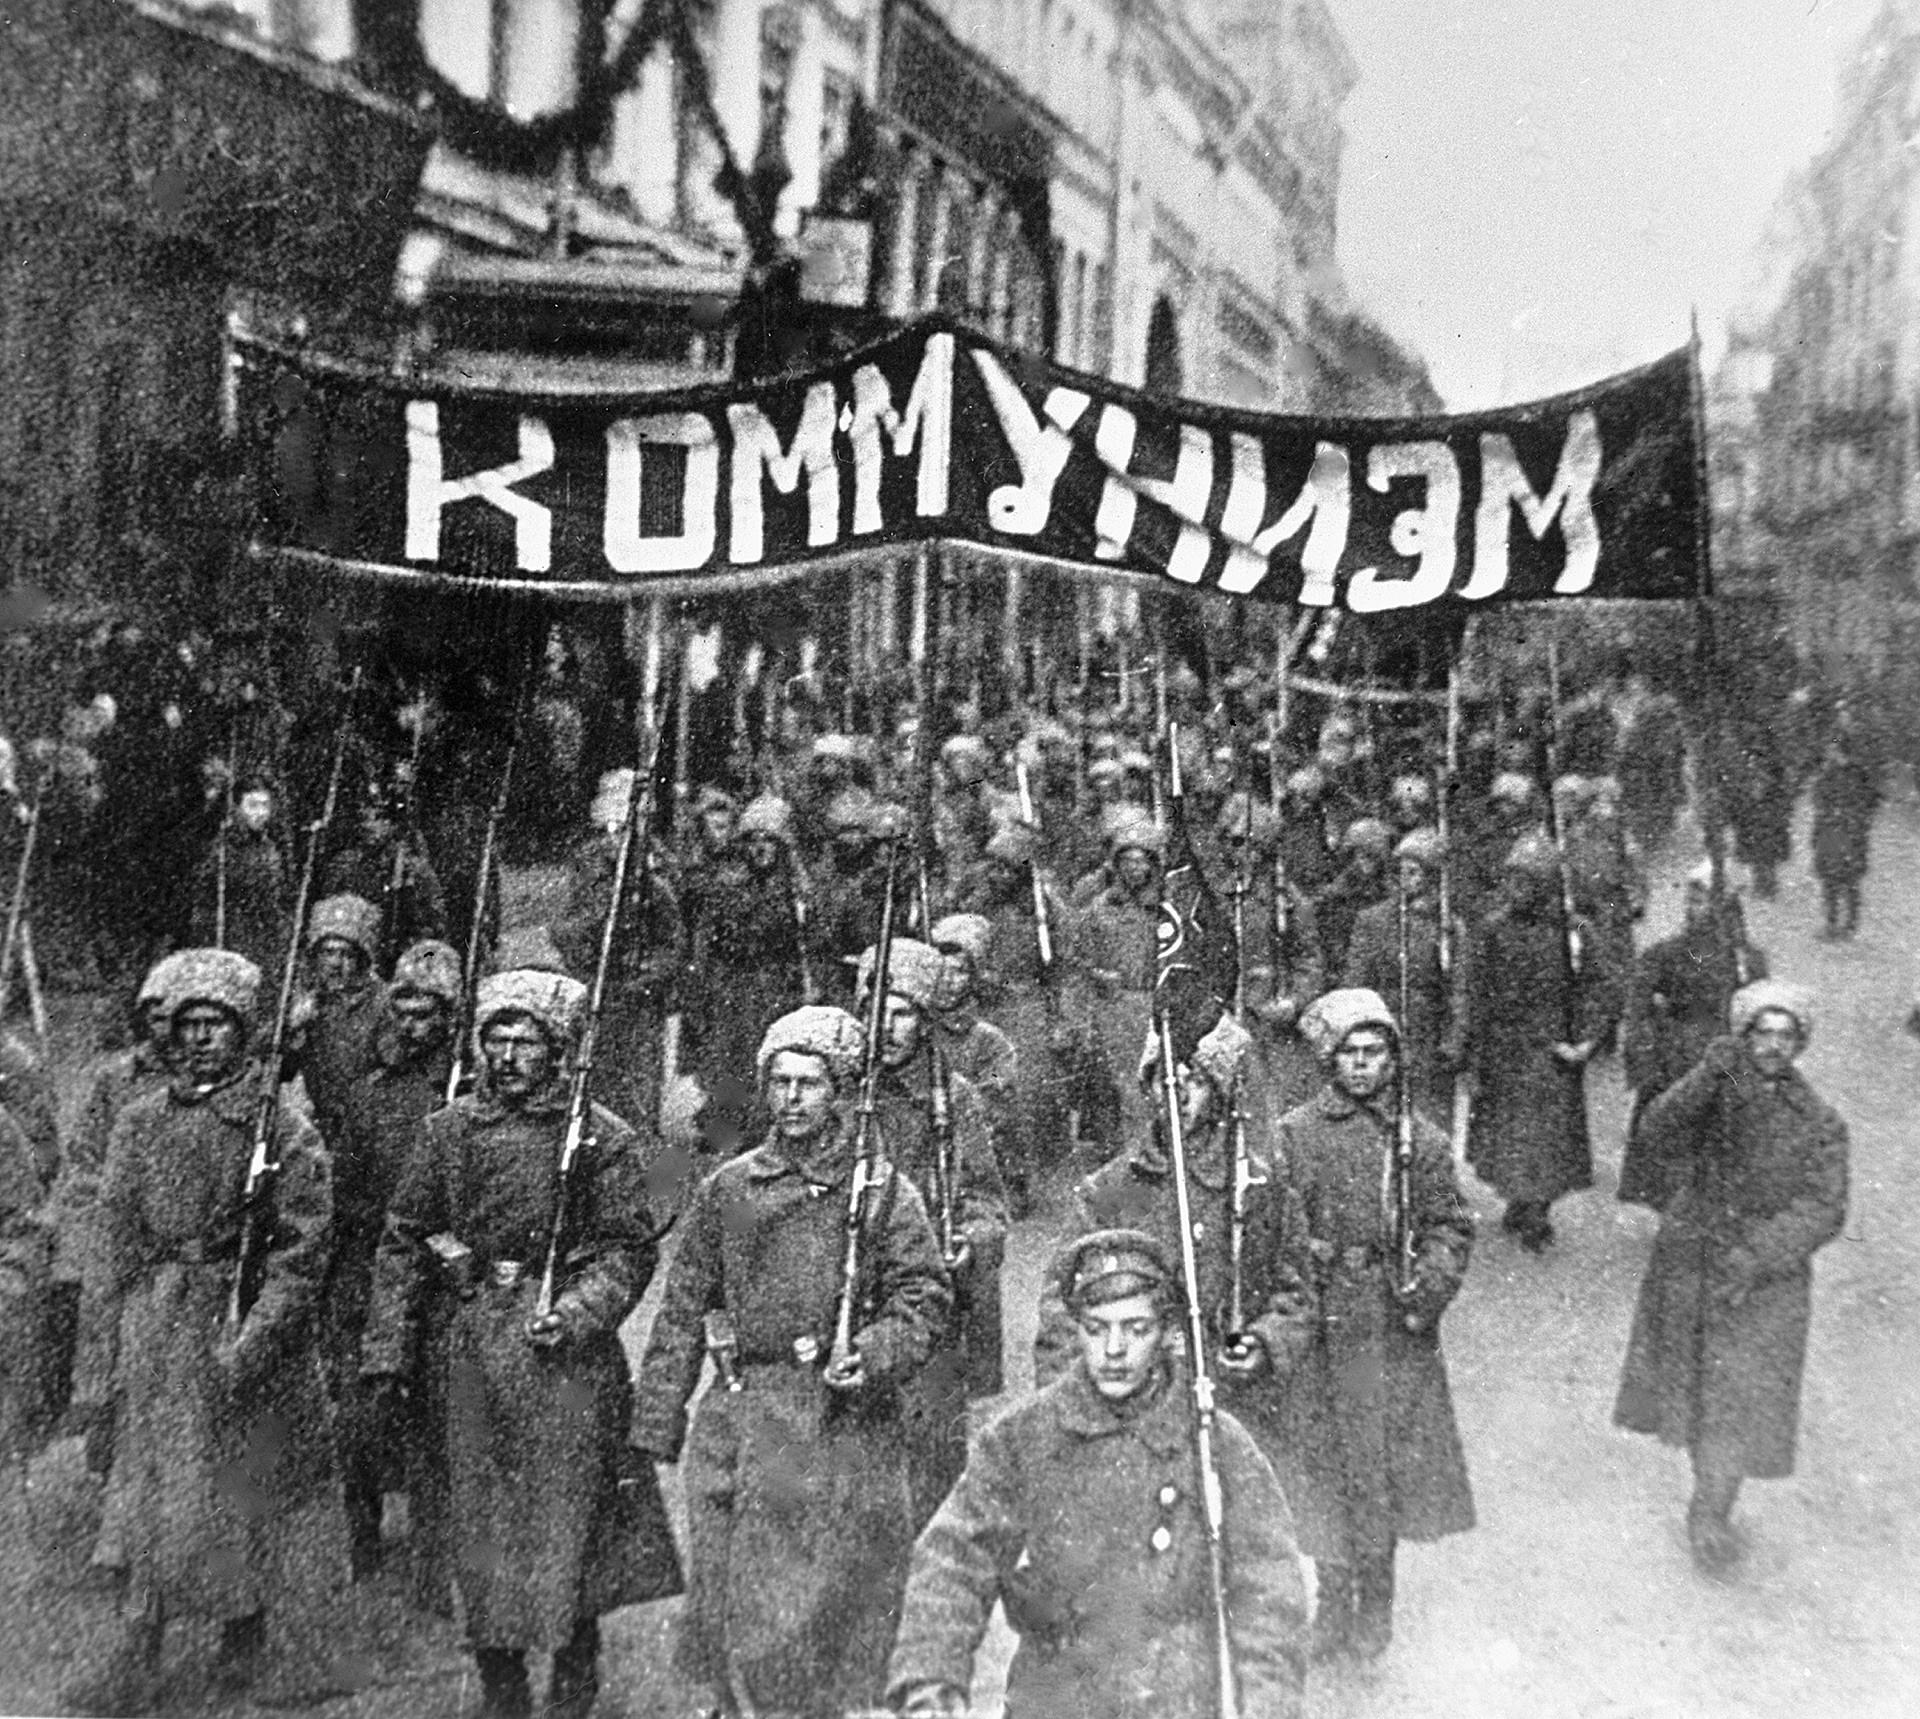 ニコリスカヤ通りに集まったボリシェヴィキ、1917年。